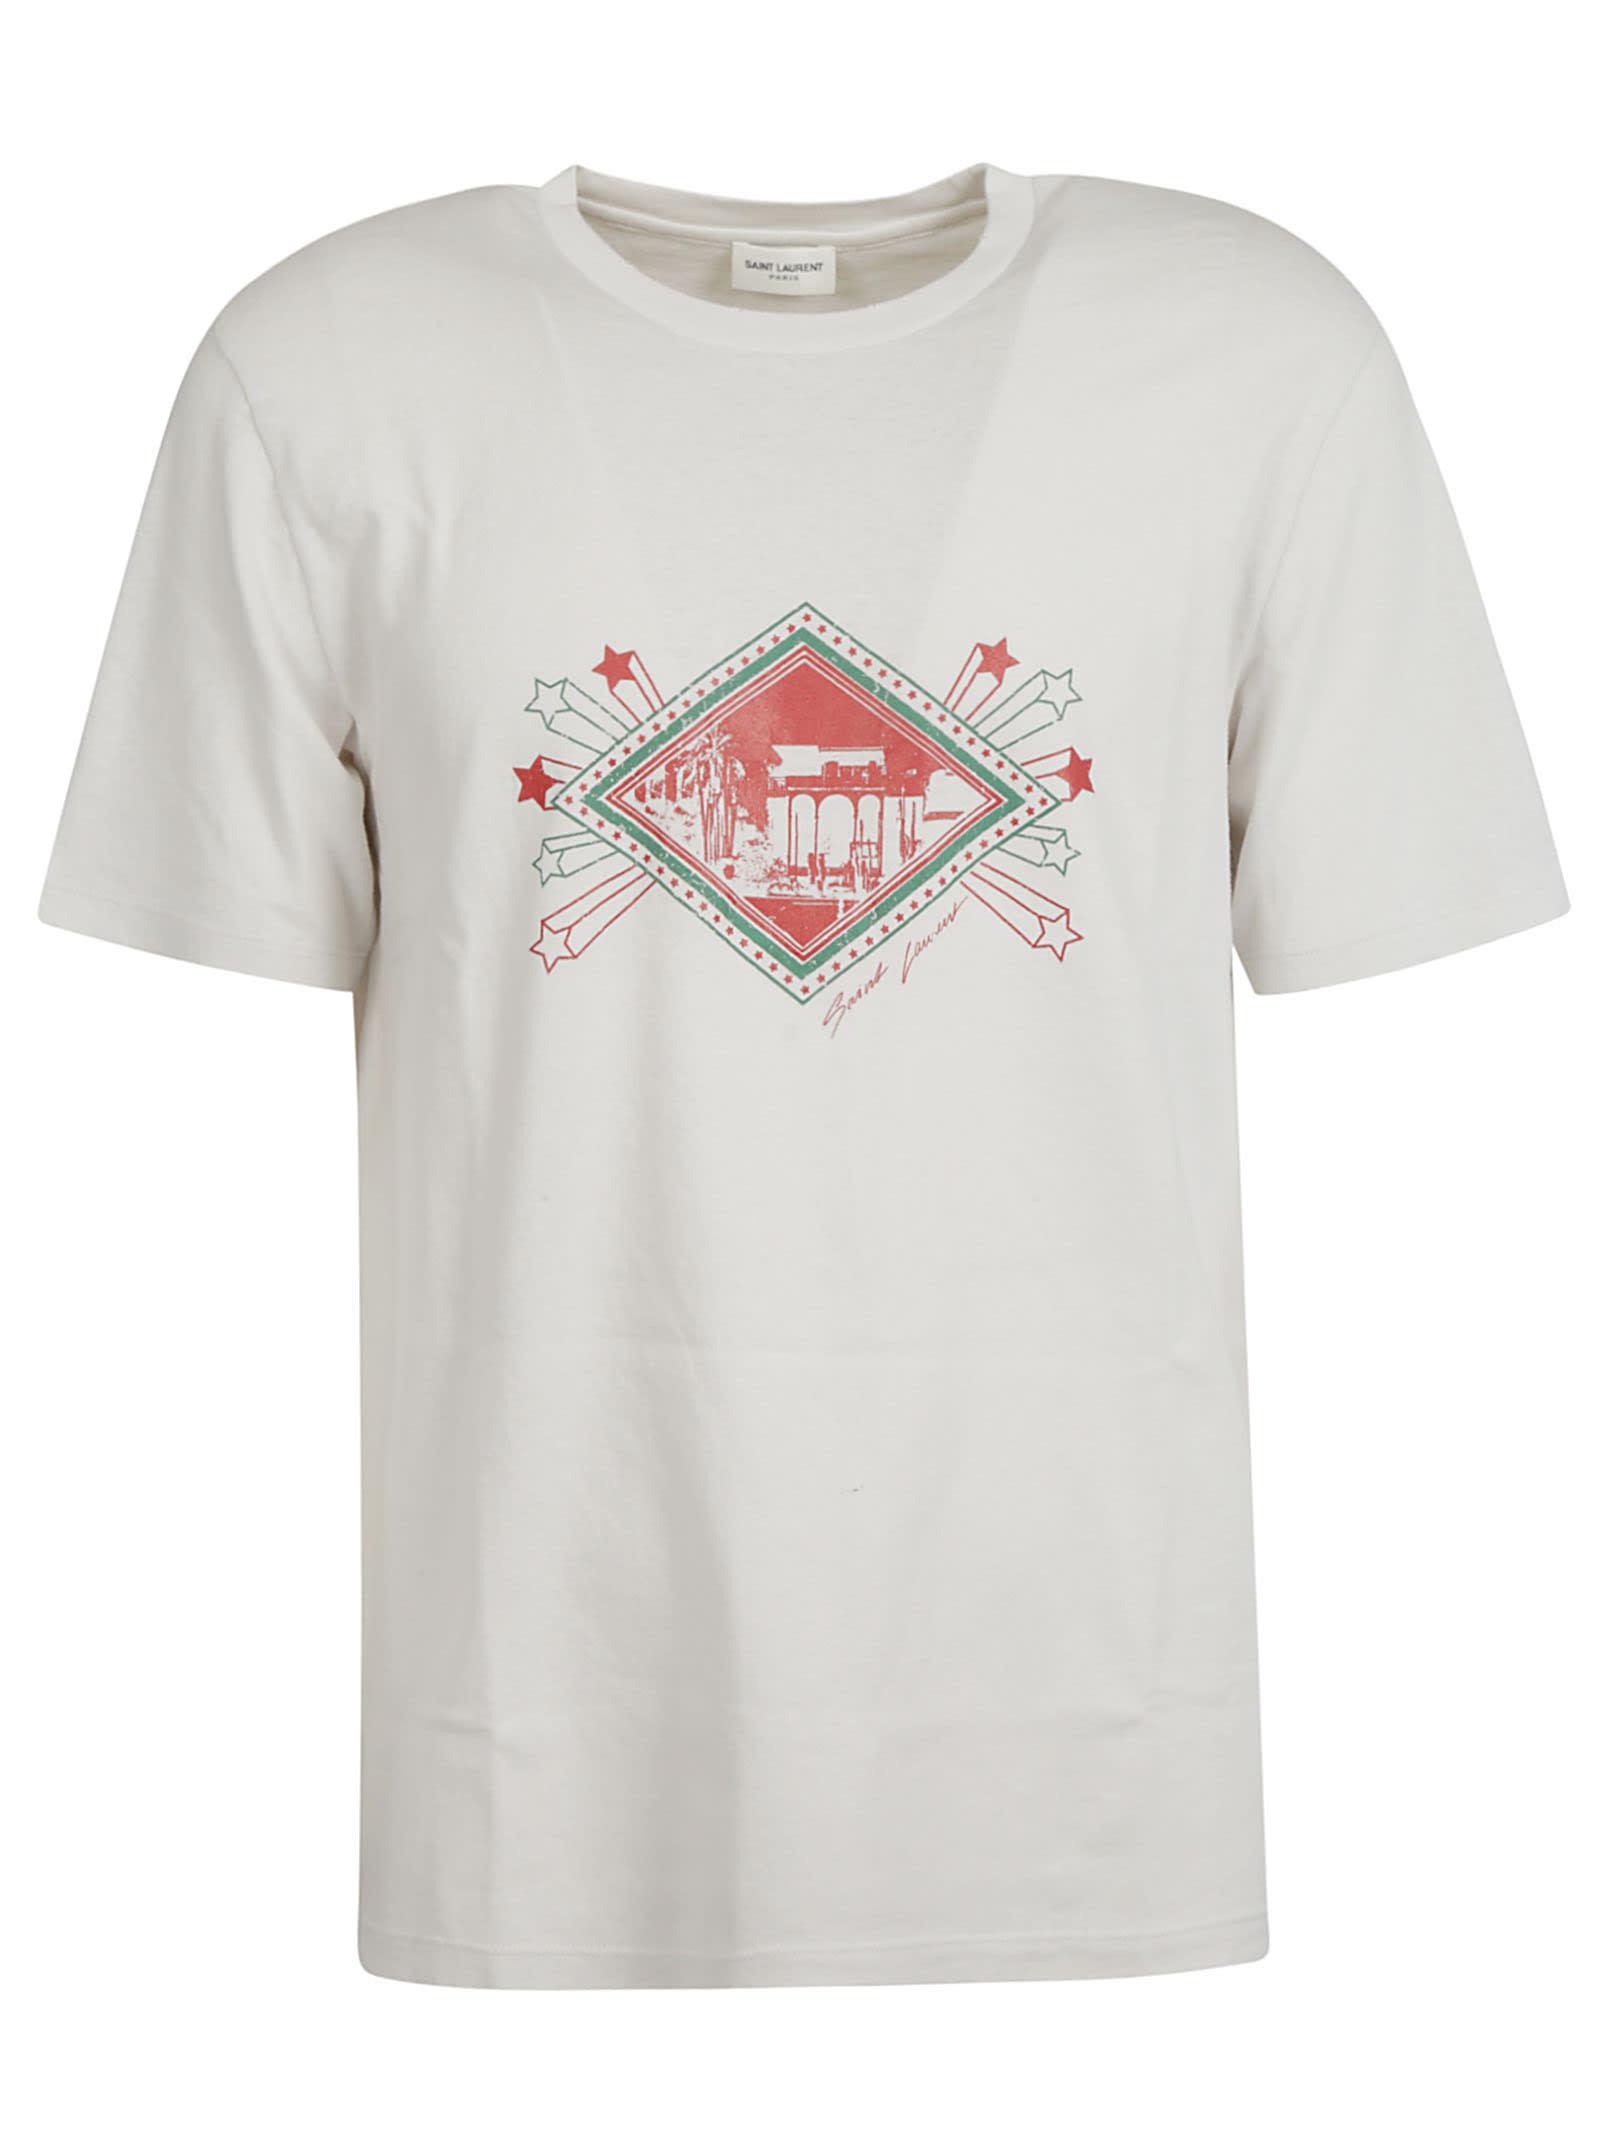 Saint Laurent Front Stars Print T-shirt